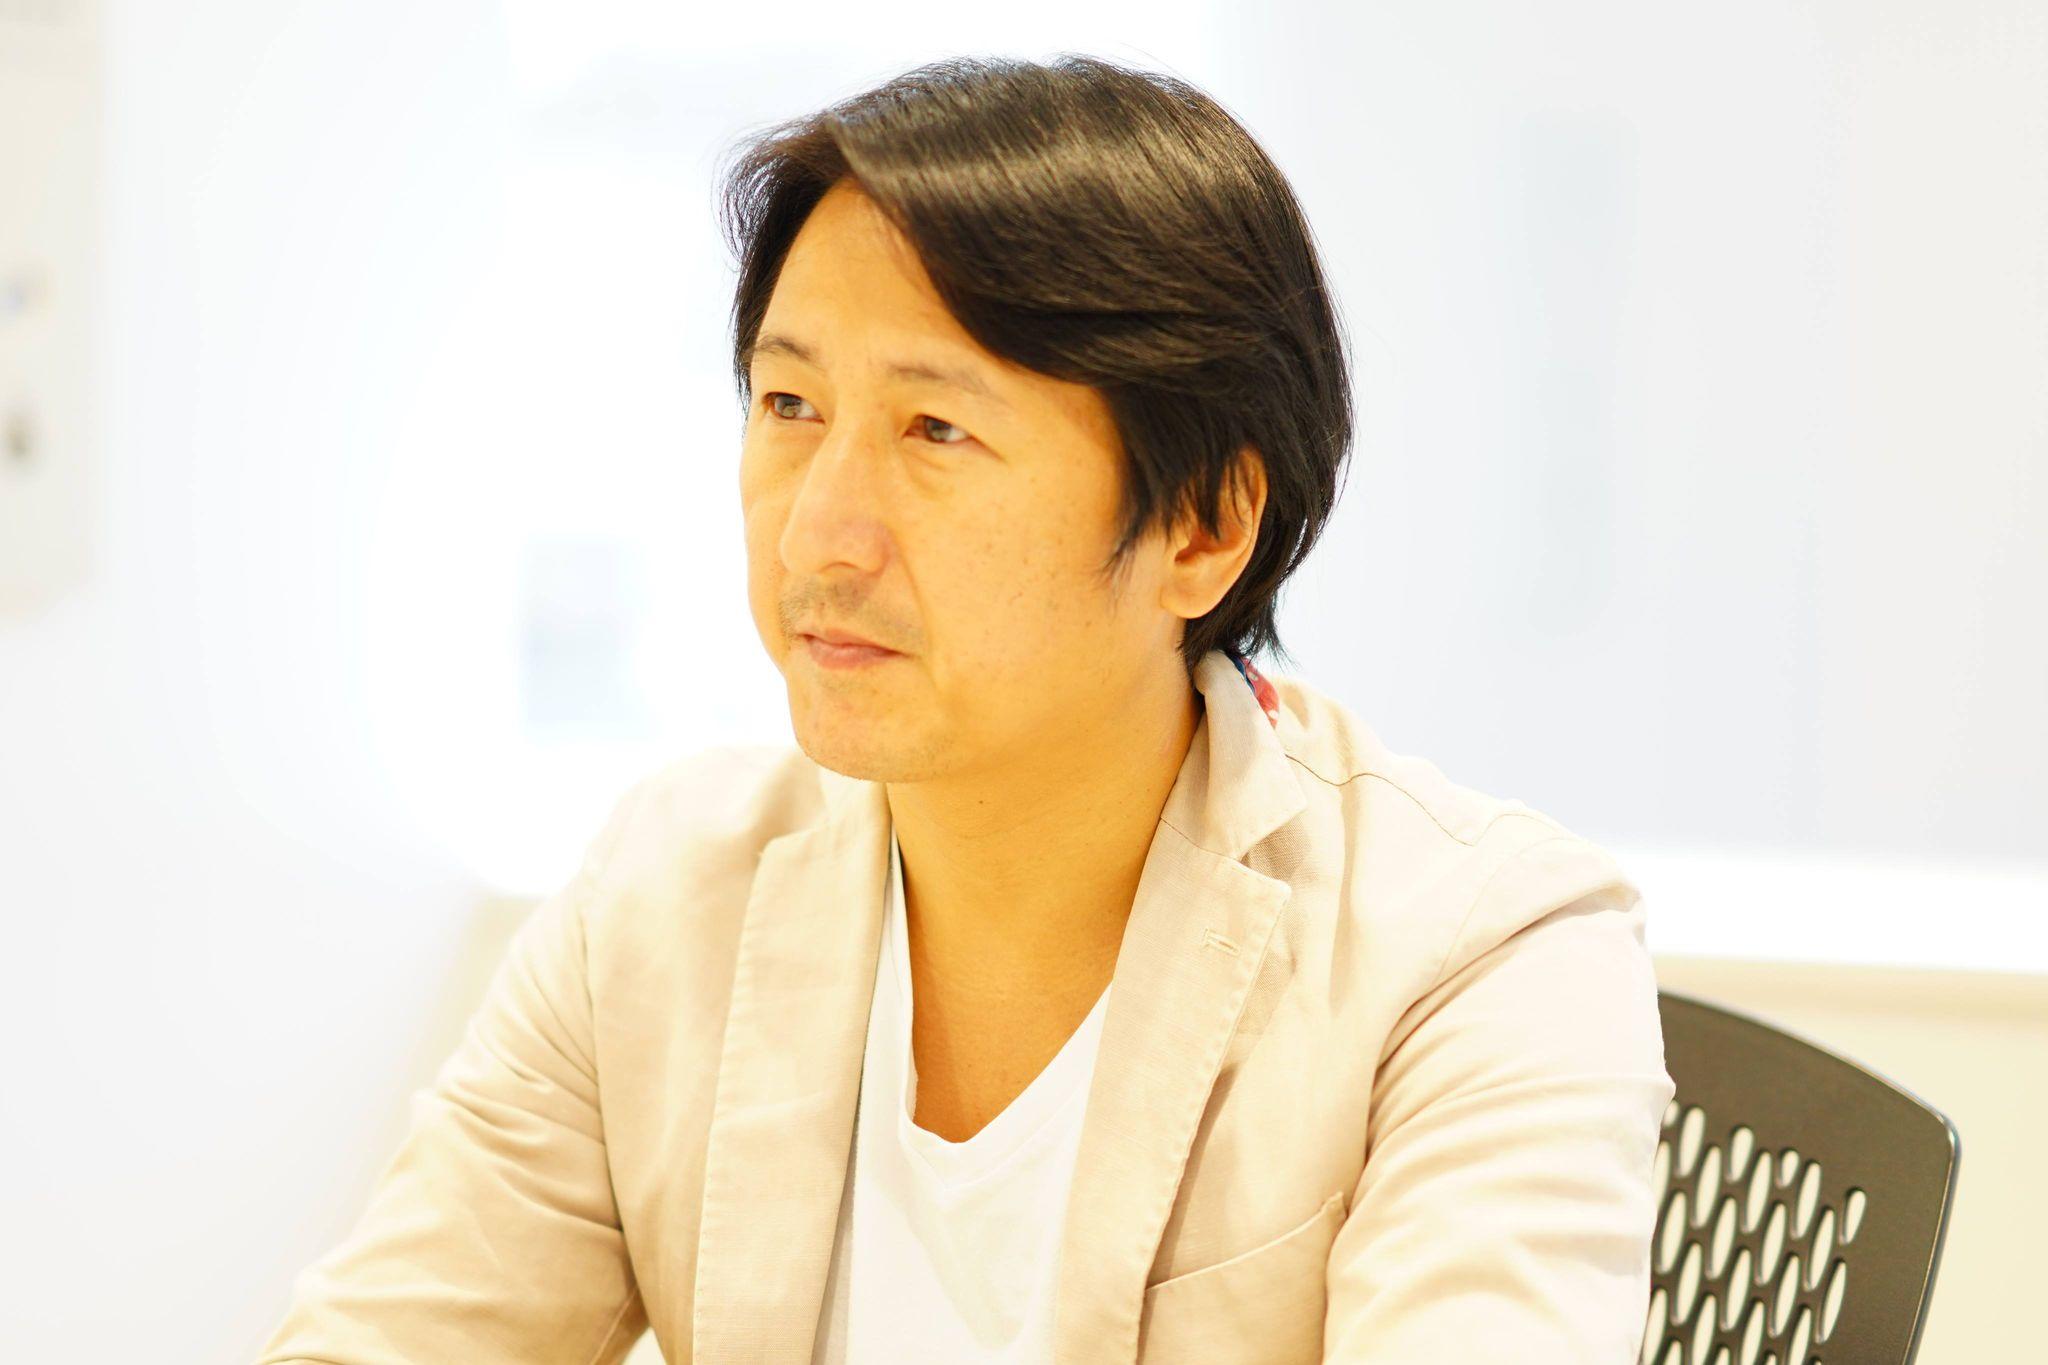 須田将啓のプロフィール画像